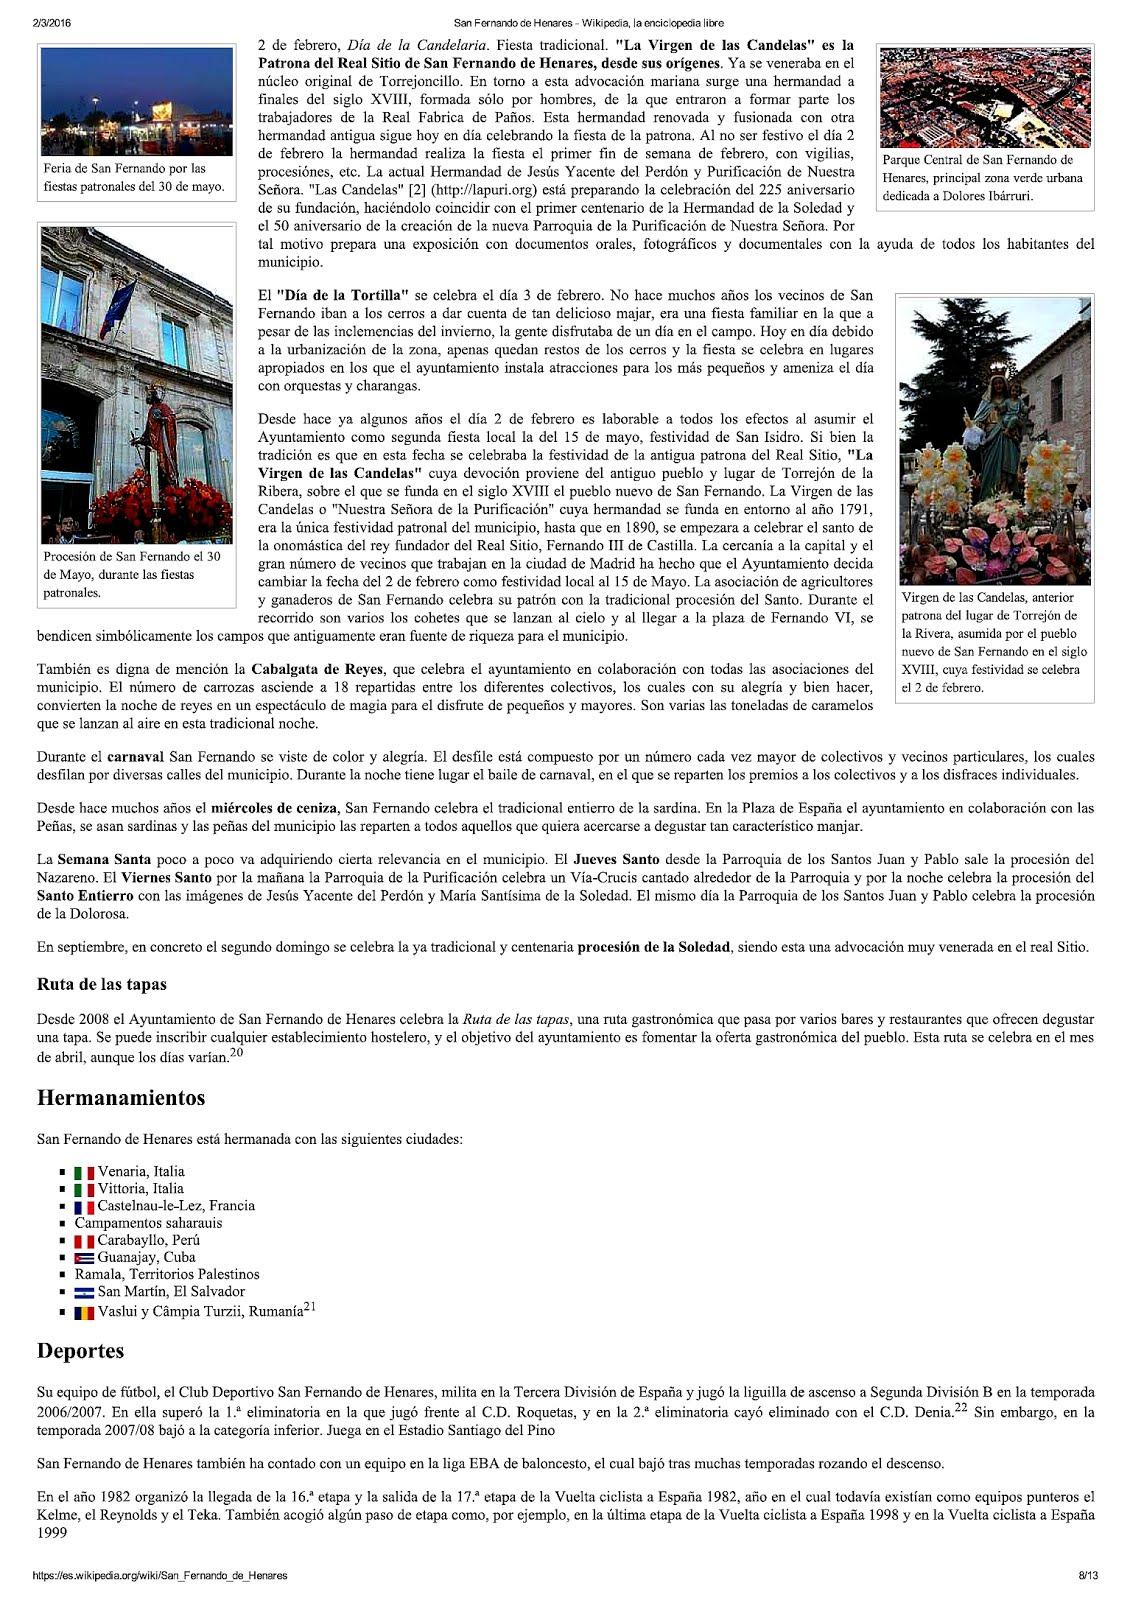 San Fernando en Wikipedia 2016.8